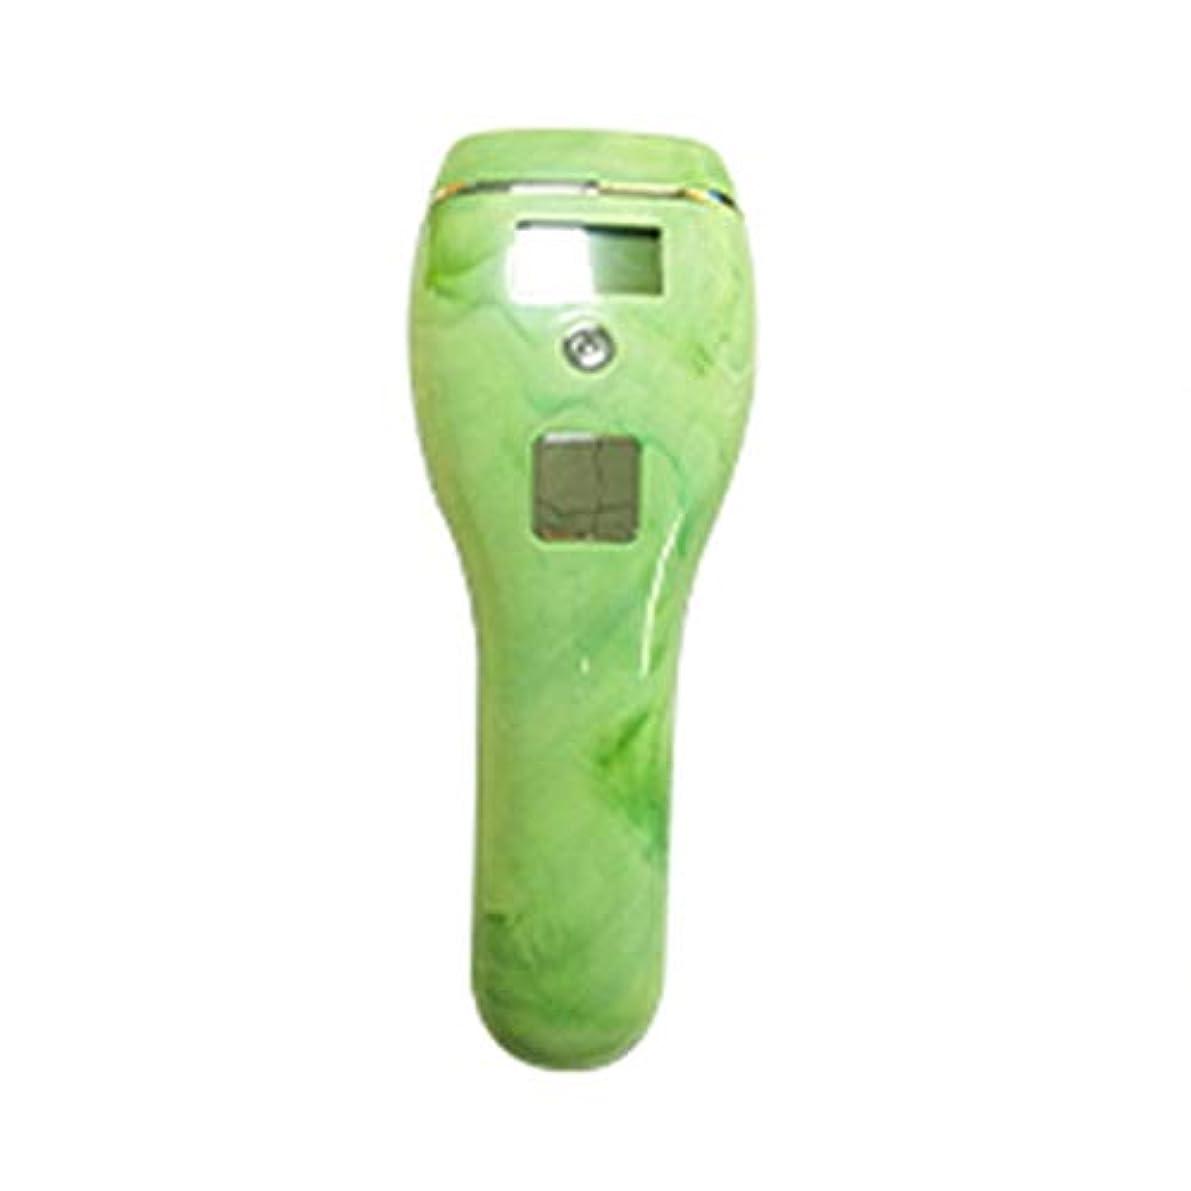 王位傾向がある音節Nuanxin 自動肌のカラーセンシング、グリーン、5速調整、クォーツチューブ、携帯用痛みのない全身凍結乾燥用除湿器、サイズ19x7x5cm F30 (Color : Green)